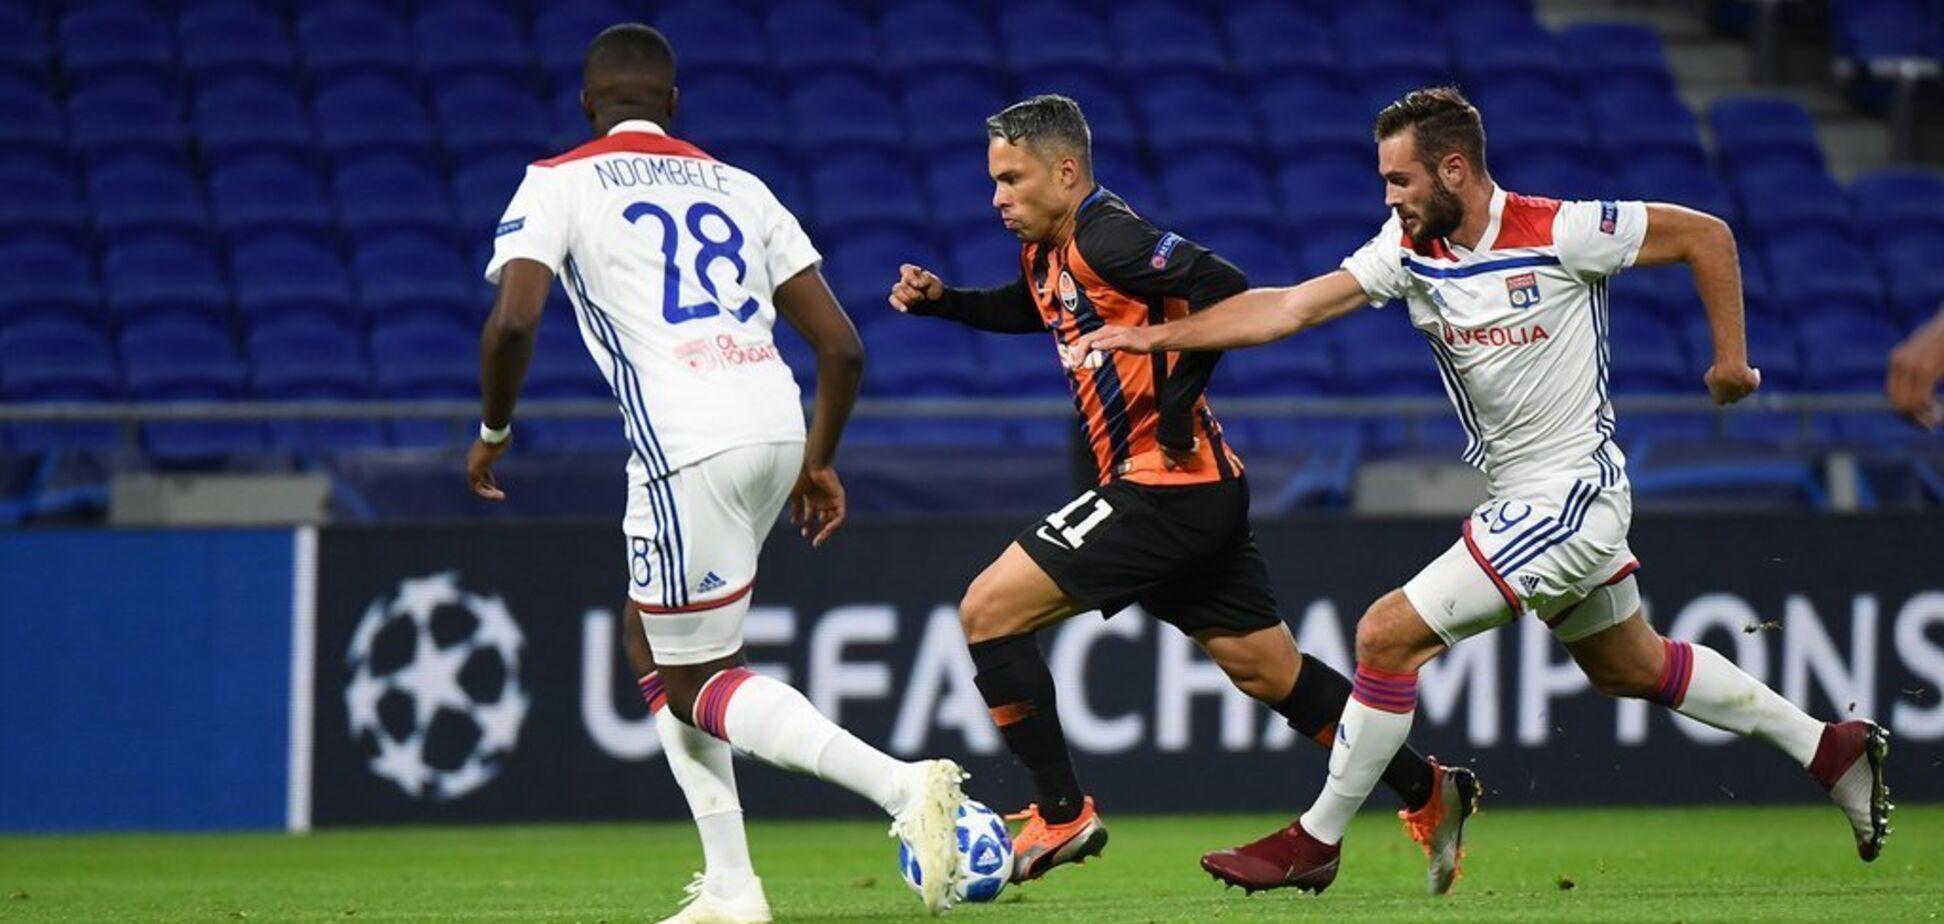 'Лион' может не прилететь в Украину на матч Лиги чемпионов с 'Шахтером'